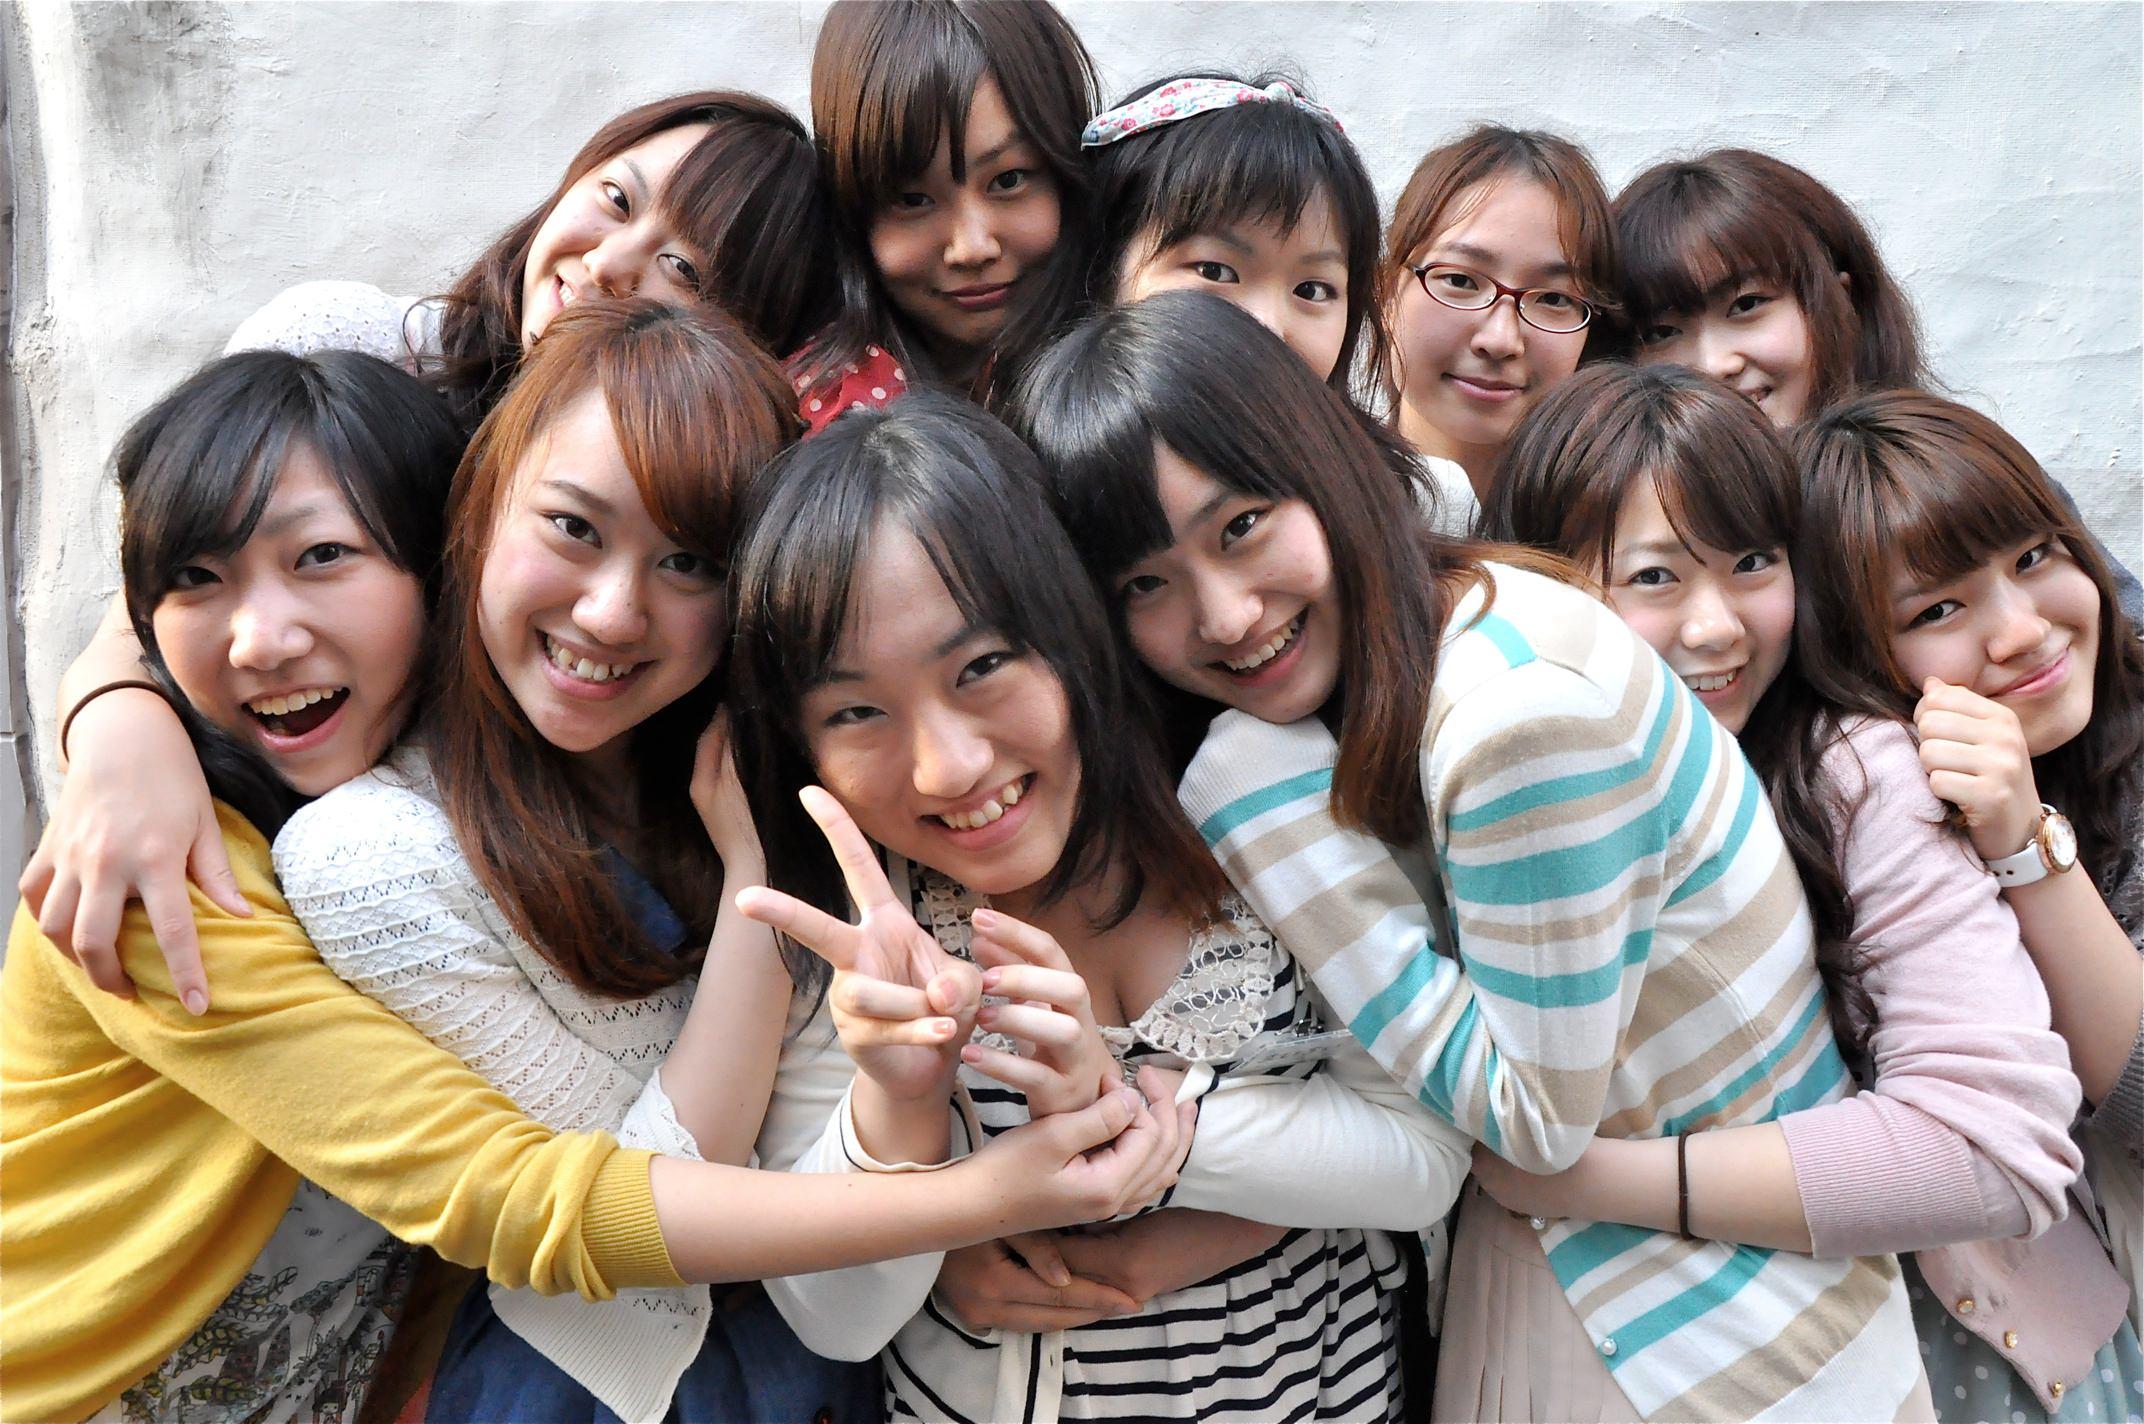 そそる集合写真17 [無断転載禁止]©bbspink.com->画像>591枚